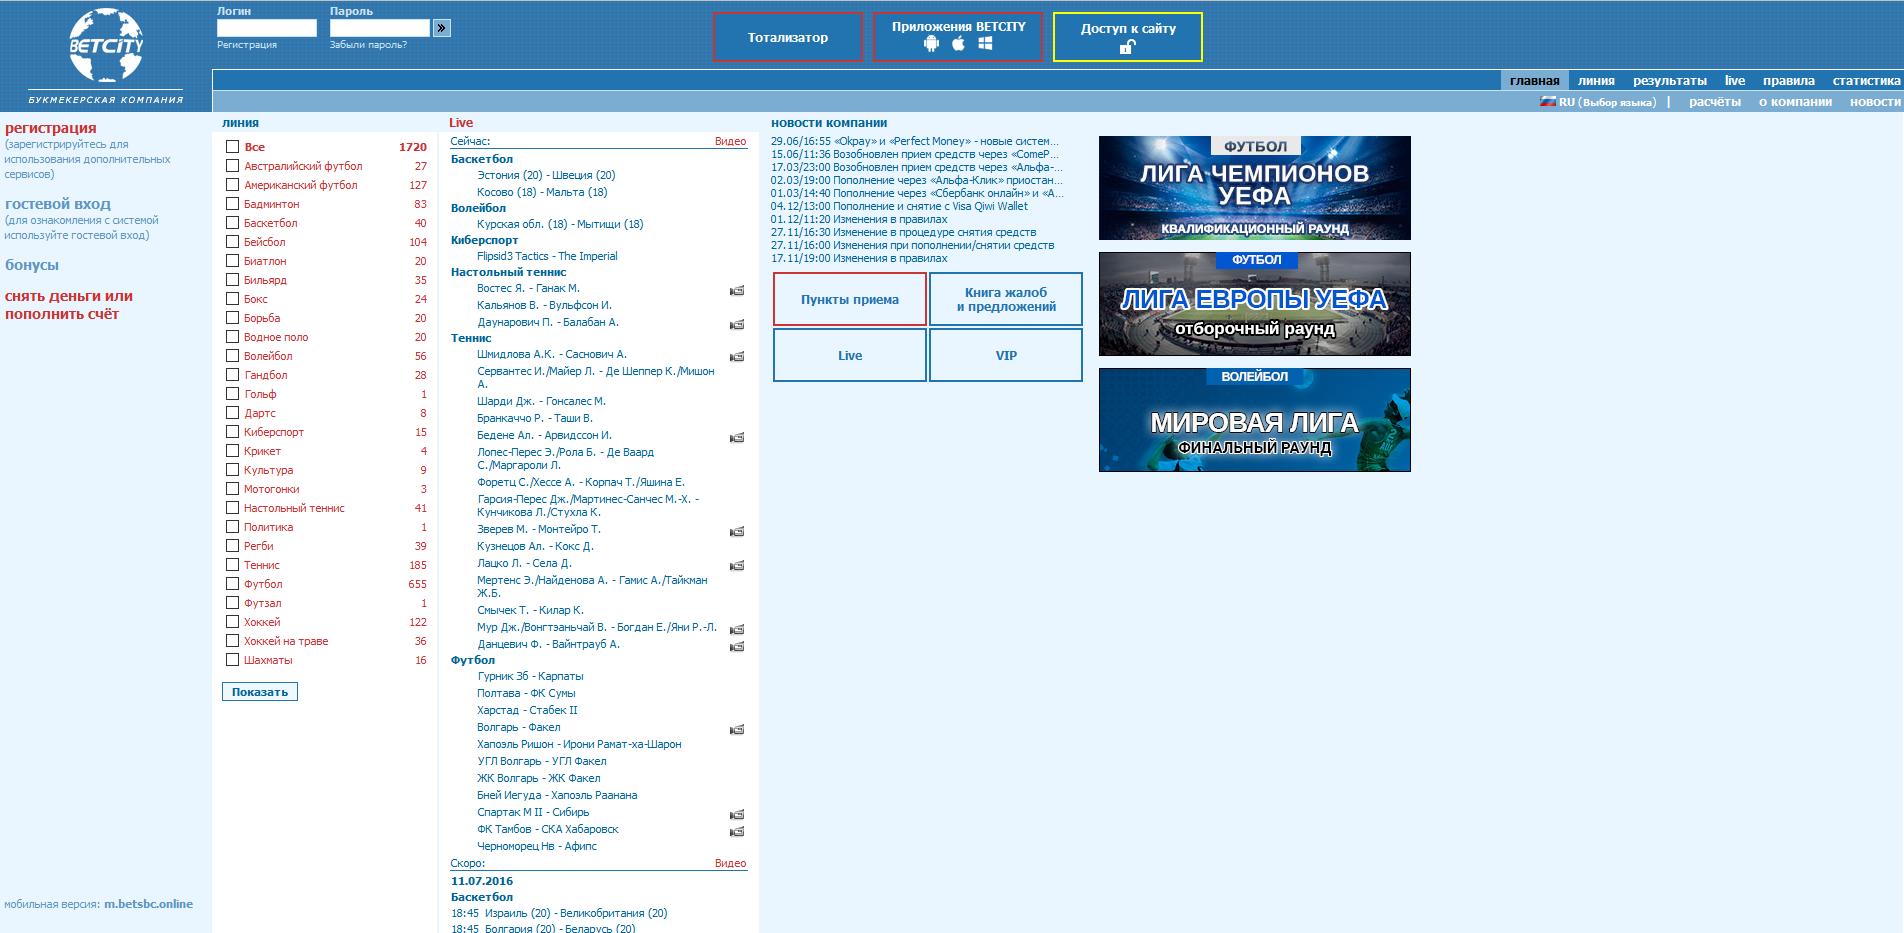 букмекерская контора фонбет официальный сайт регистрация